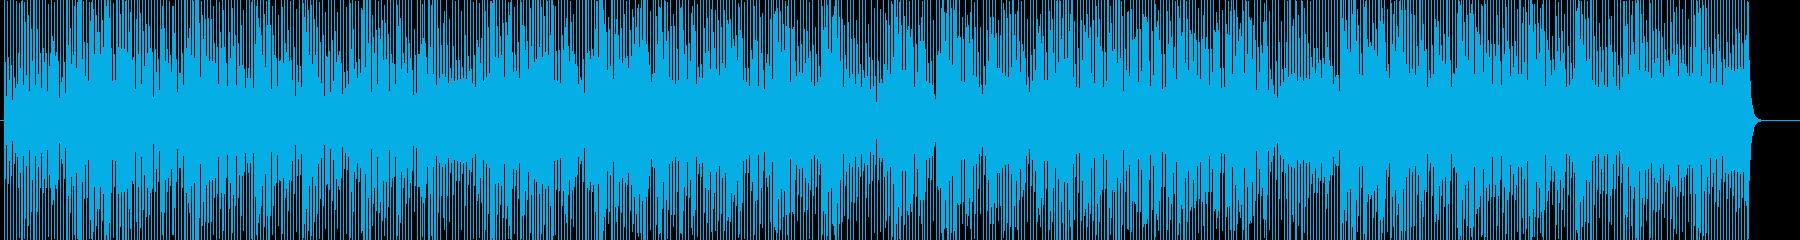 爽やかでキュートなアコースティックポップの再生済みの波形